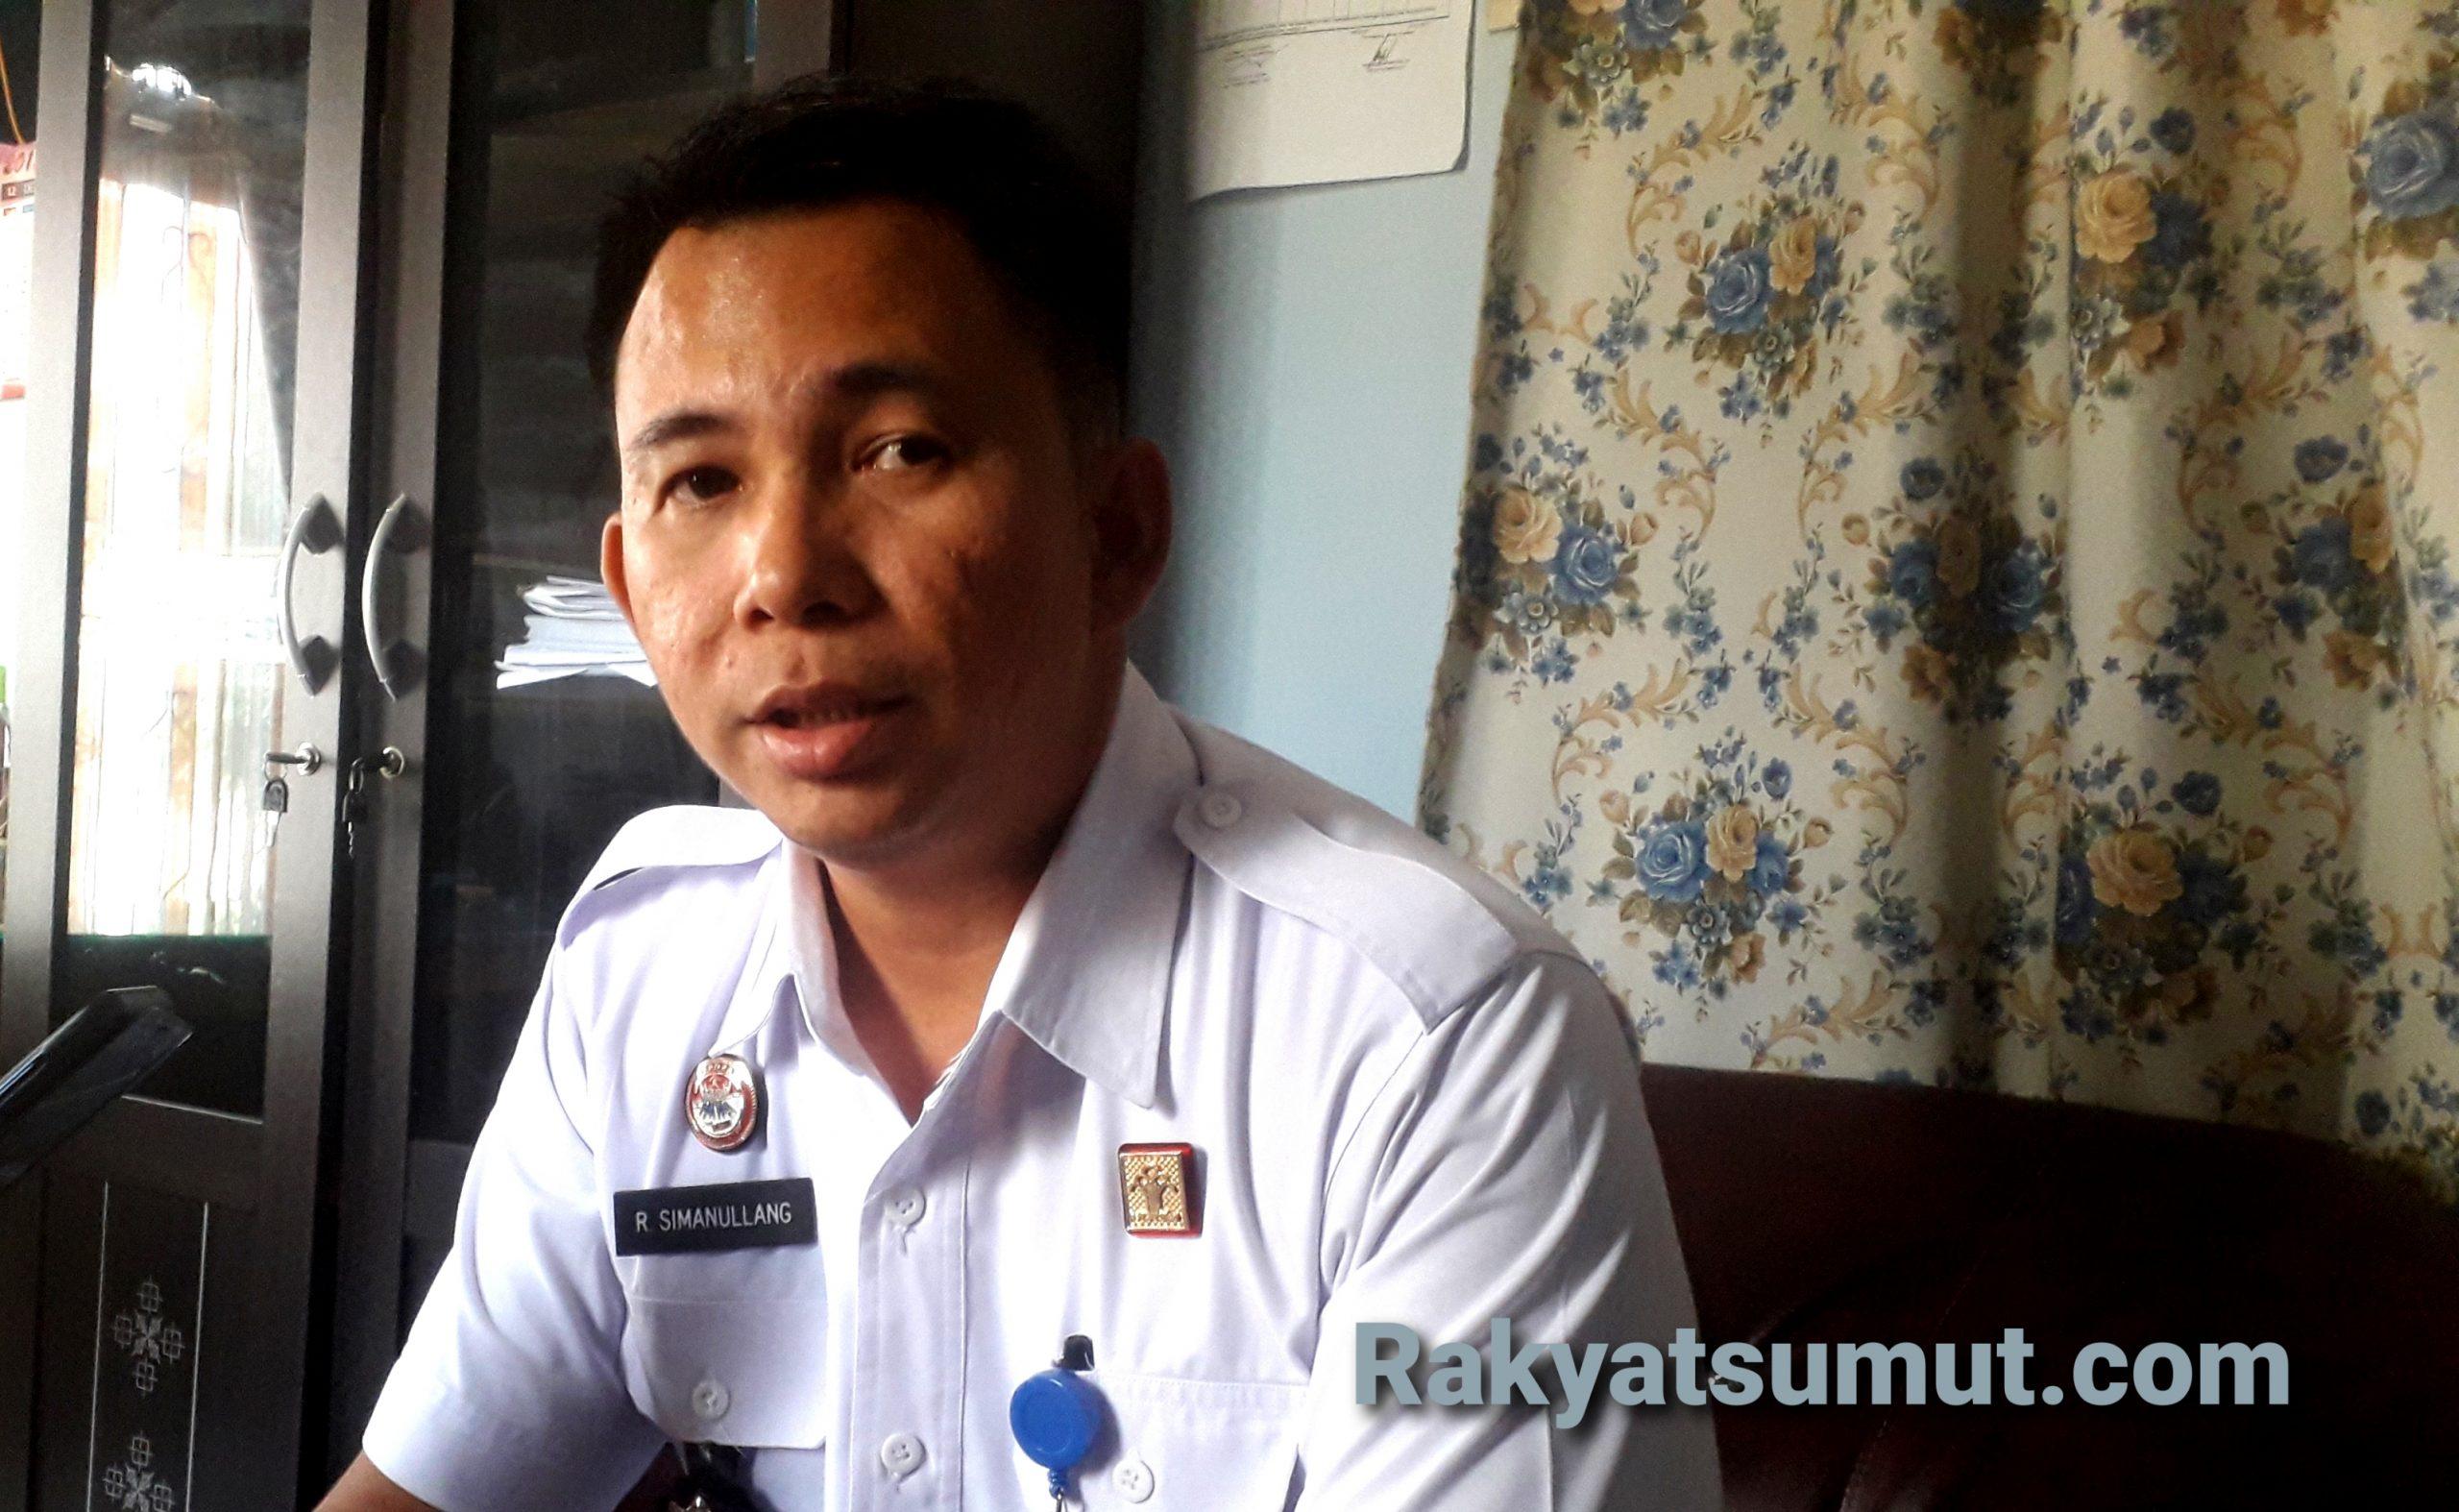 Kepala Seksi Bimbingan Narapidana/ Anak Didik (Kasibinadik) Refintua Simanullang. Foto: Rakyatsumut.com/ Damai